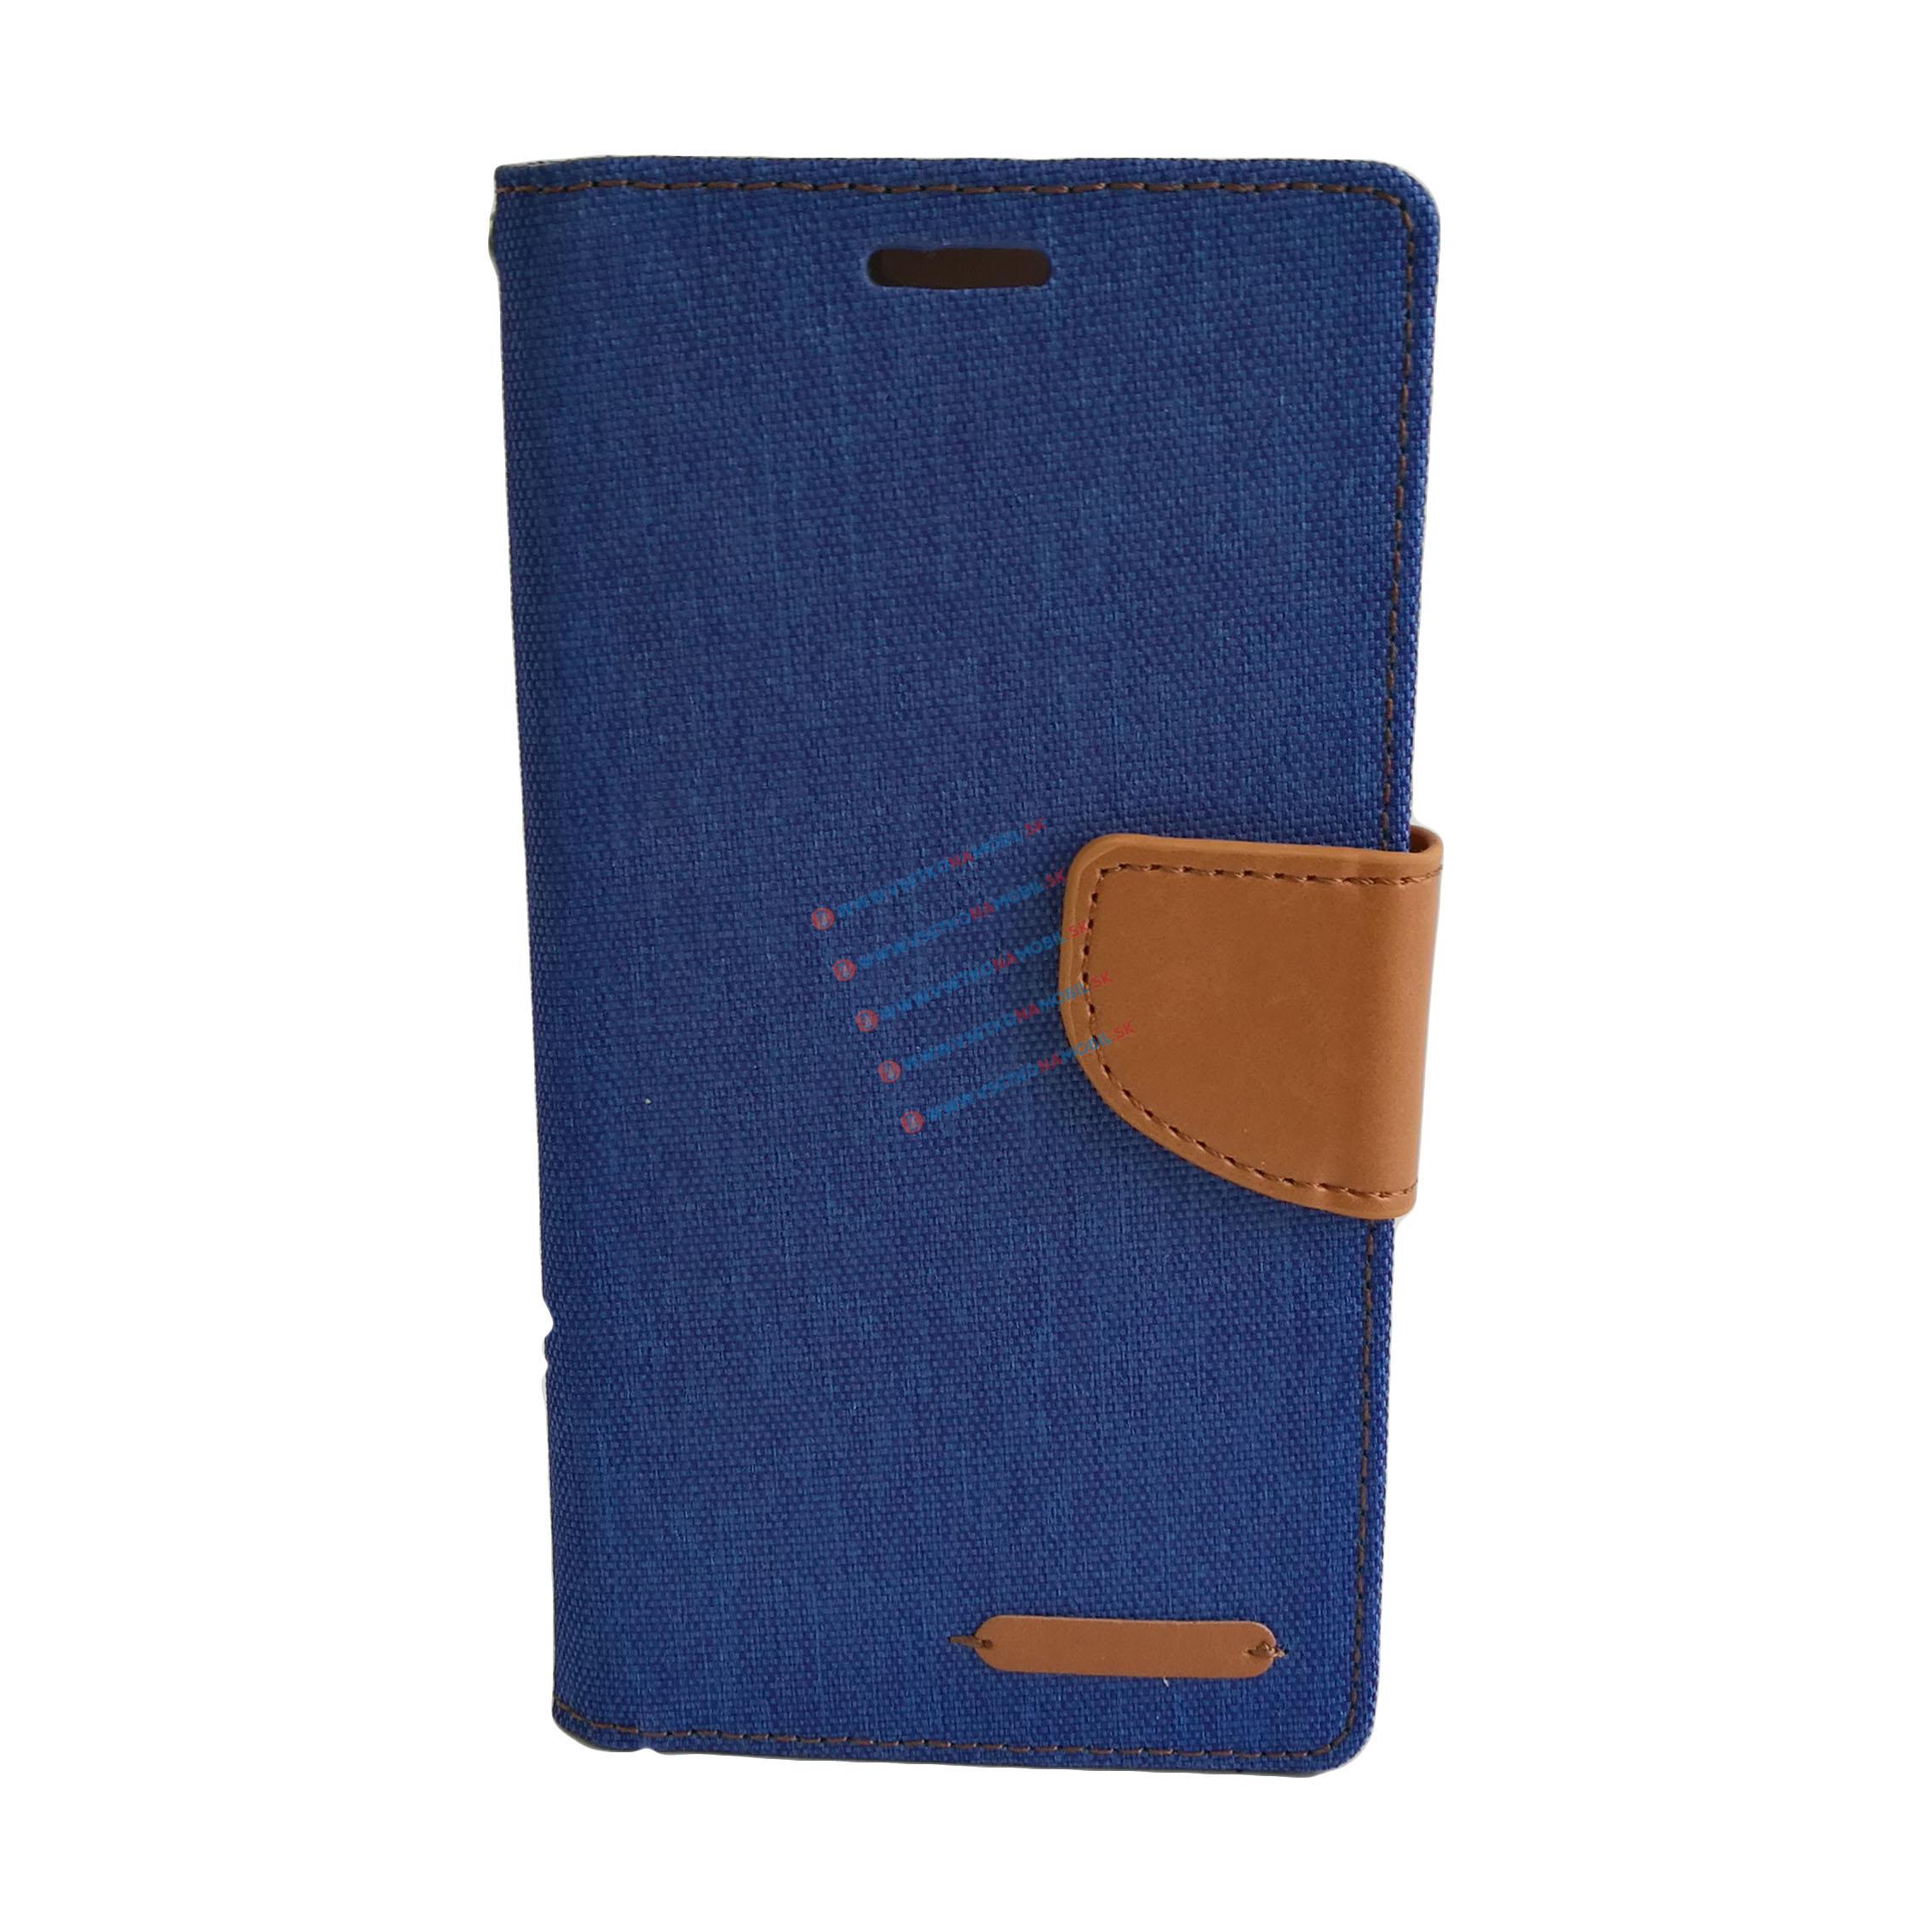 CANVAS peňaženkové púzdro Lenovo Vibe S1 modré